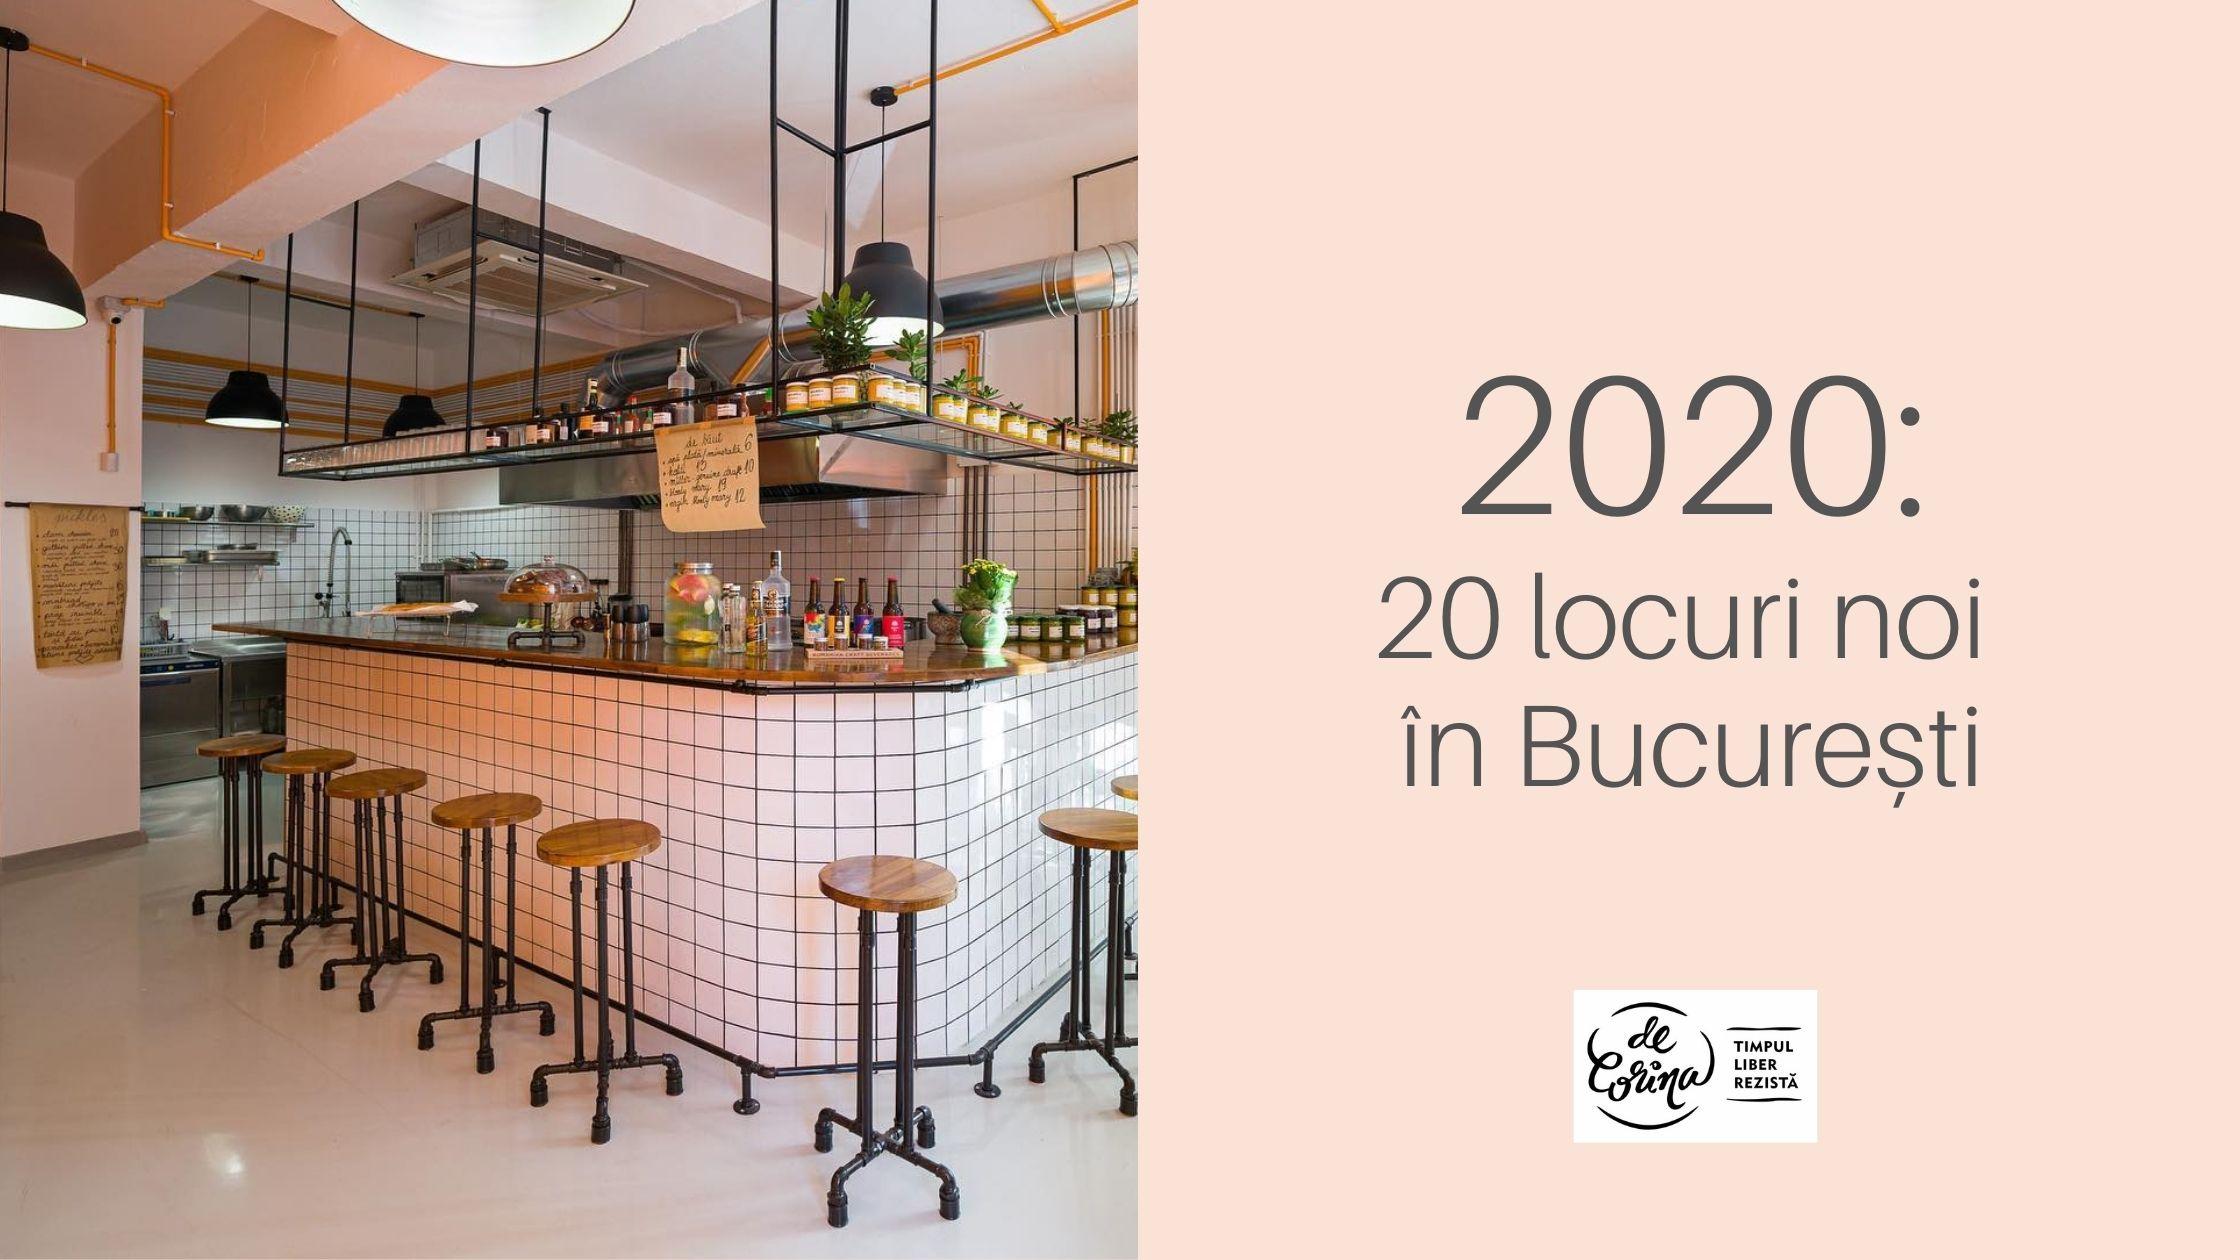 De Corina Blog recomandări restaurante locuri noi deschise 2020, bistro, cofetărie București